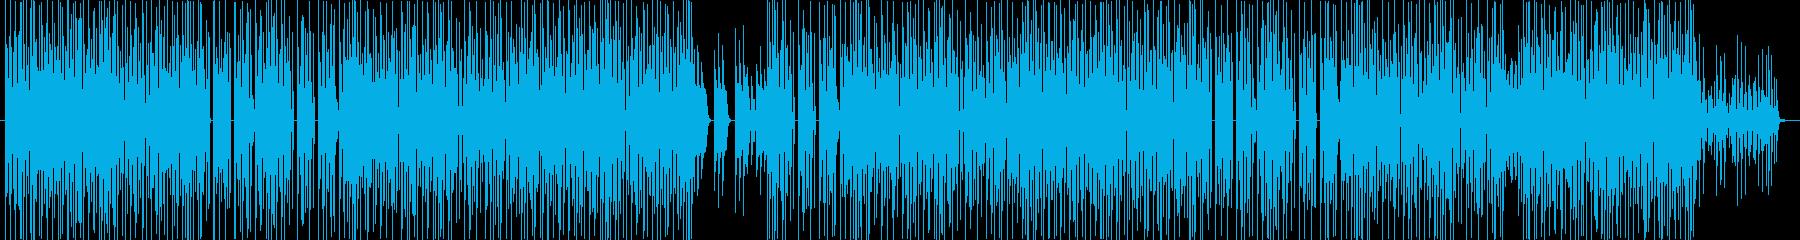 ヒップホップ、クラブ、洋楽トラック♪の再生済みの波形